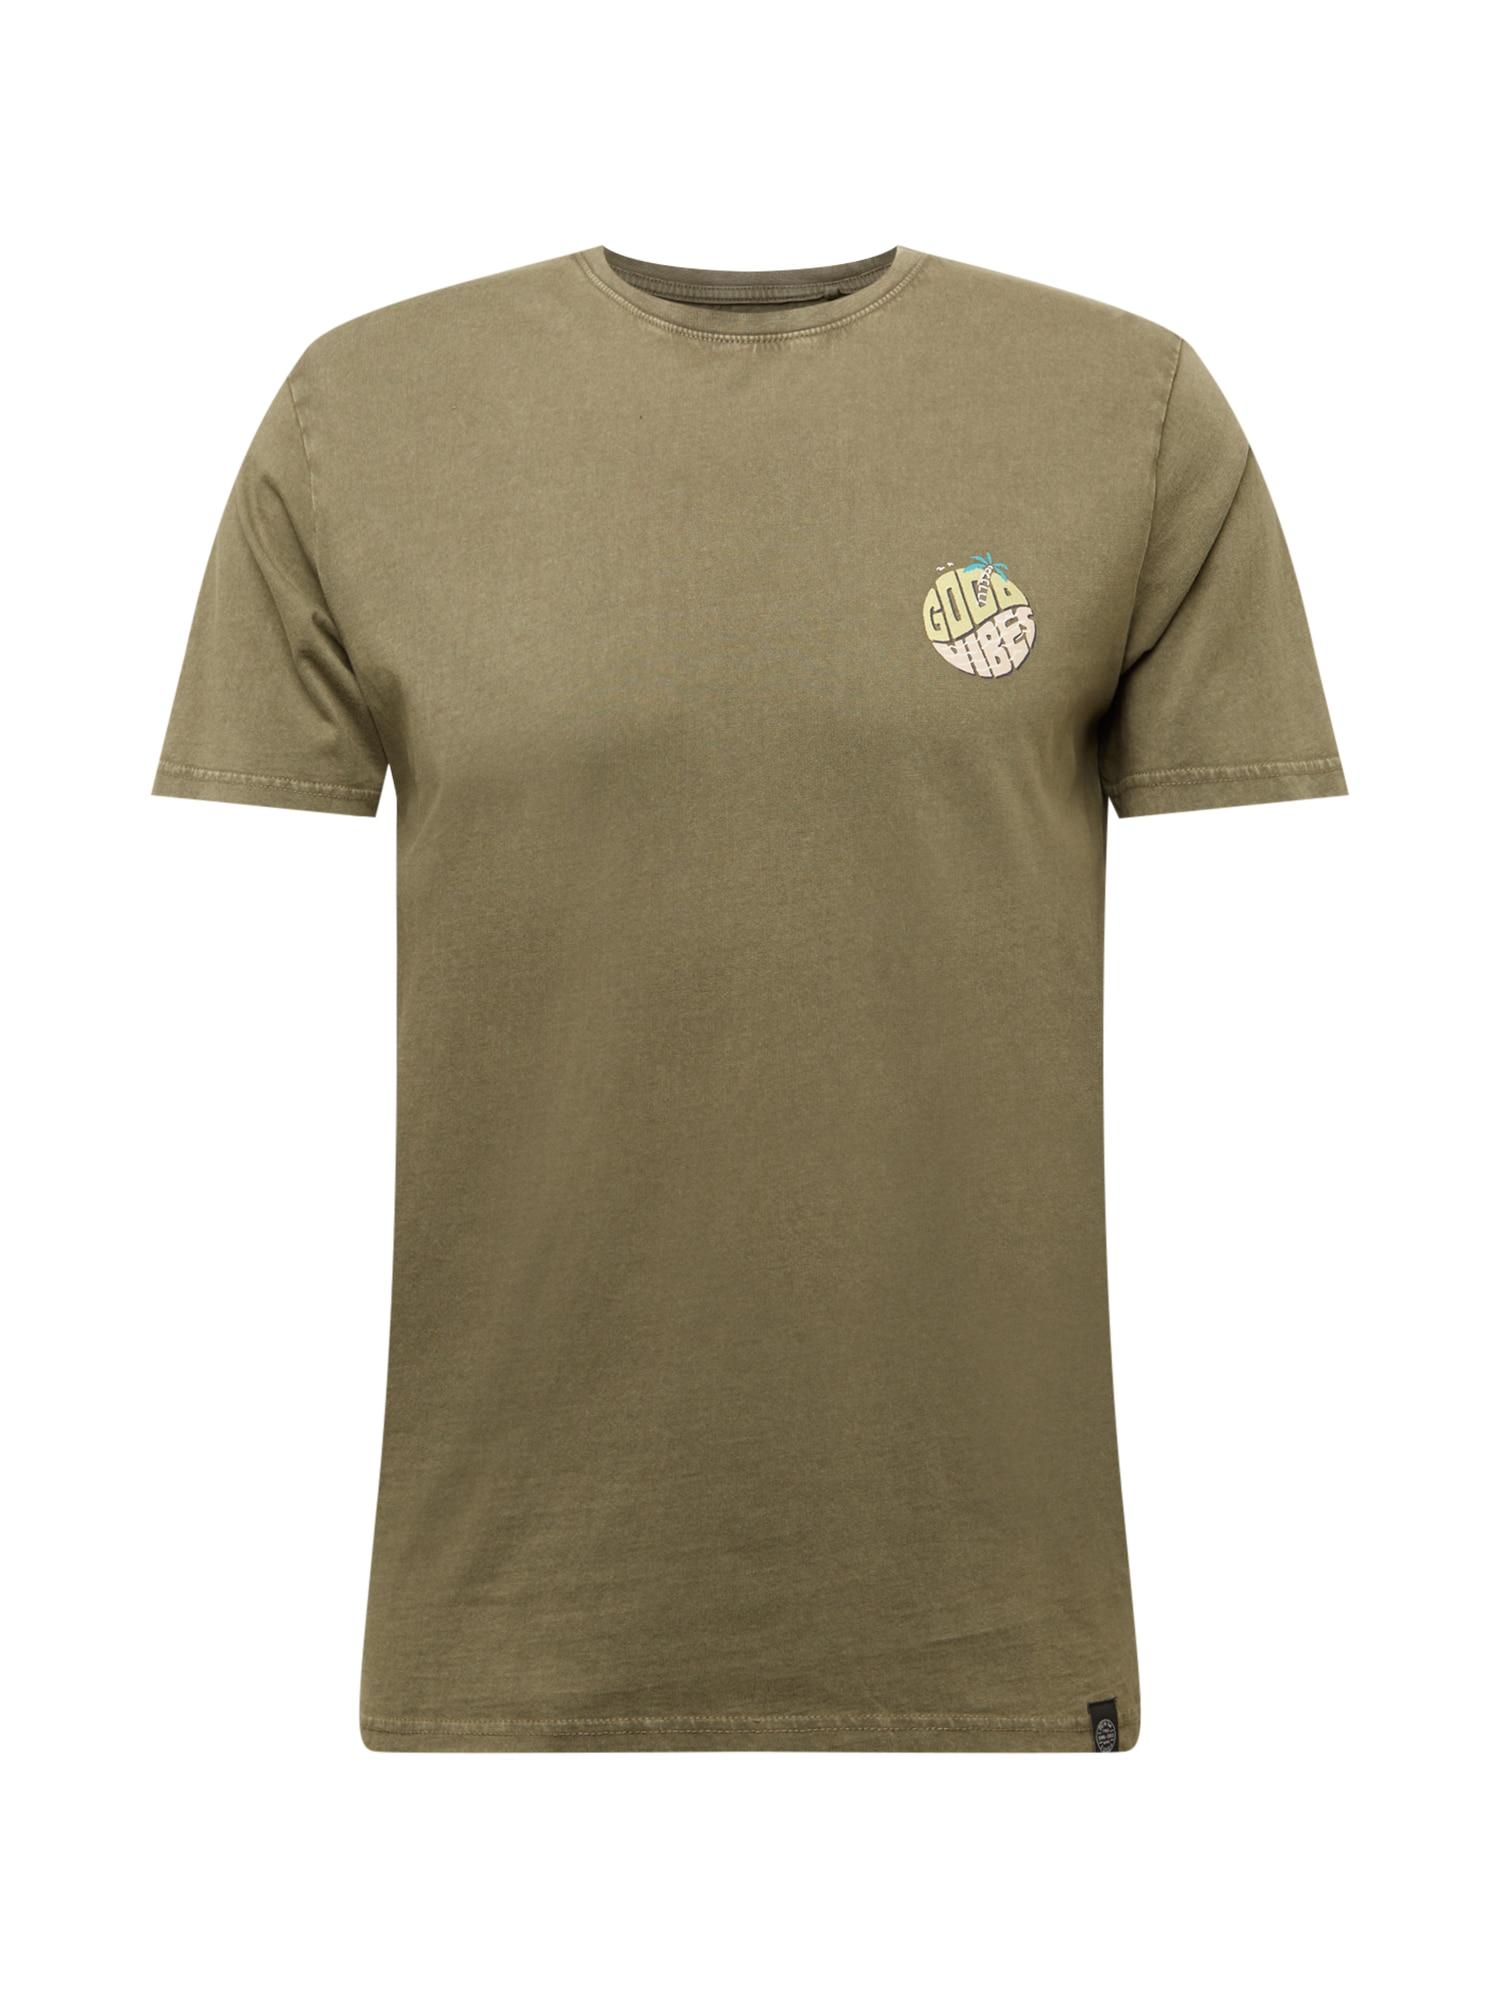 SHINE ORIGINAL Marškinėliai rusvai žalia / mišrios spalvos